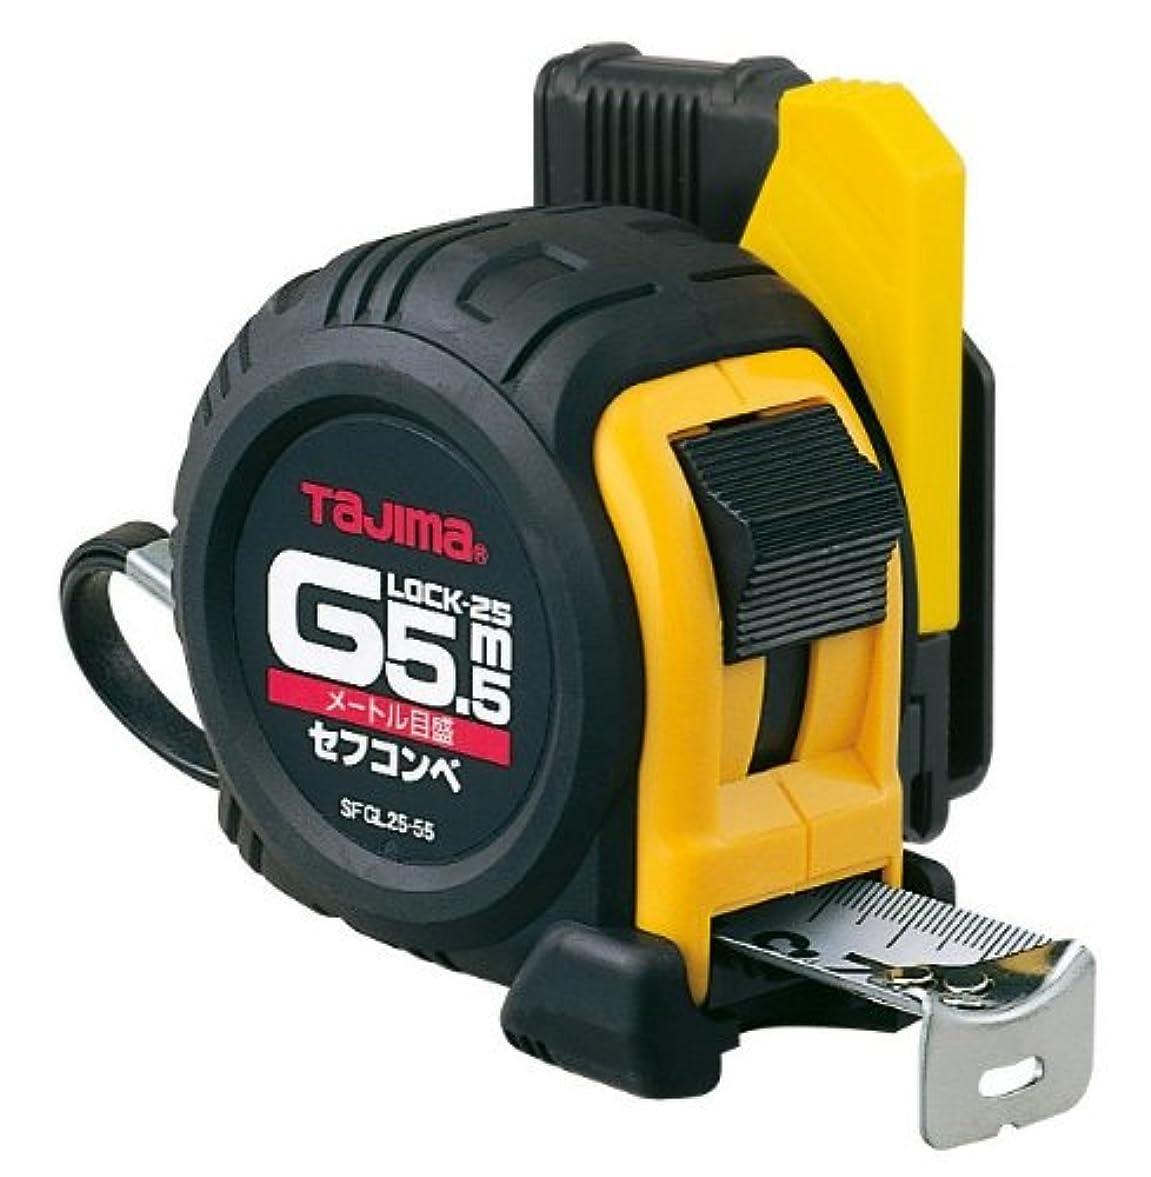 驚かす裁定ポットタジマ セフコンベ Gロック-25 5.5m 25mm幅 メートル目盛 SFGL25-55BL